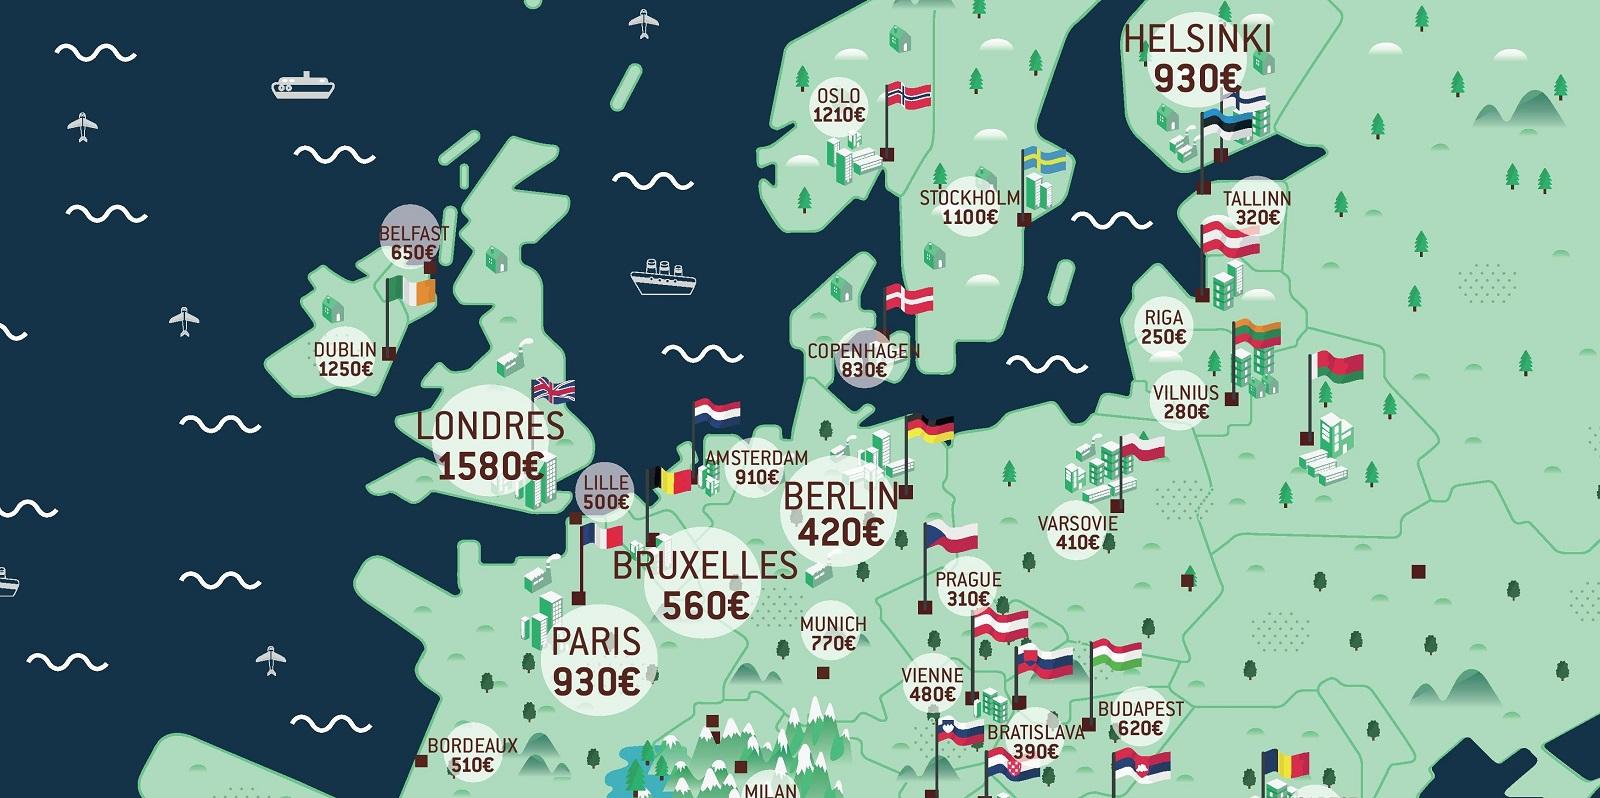 Loyers : Quelles sont les villes étudiantes les moins chères d'Europe ?